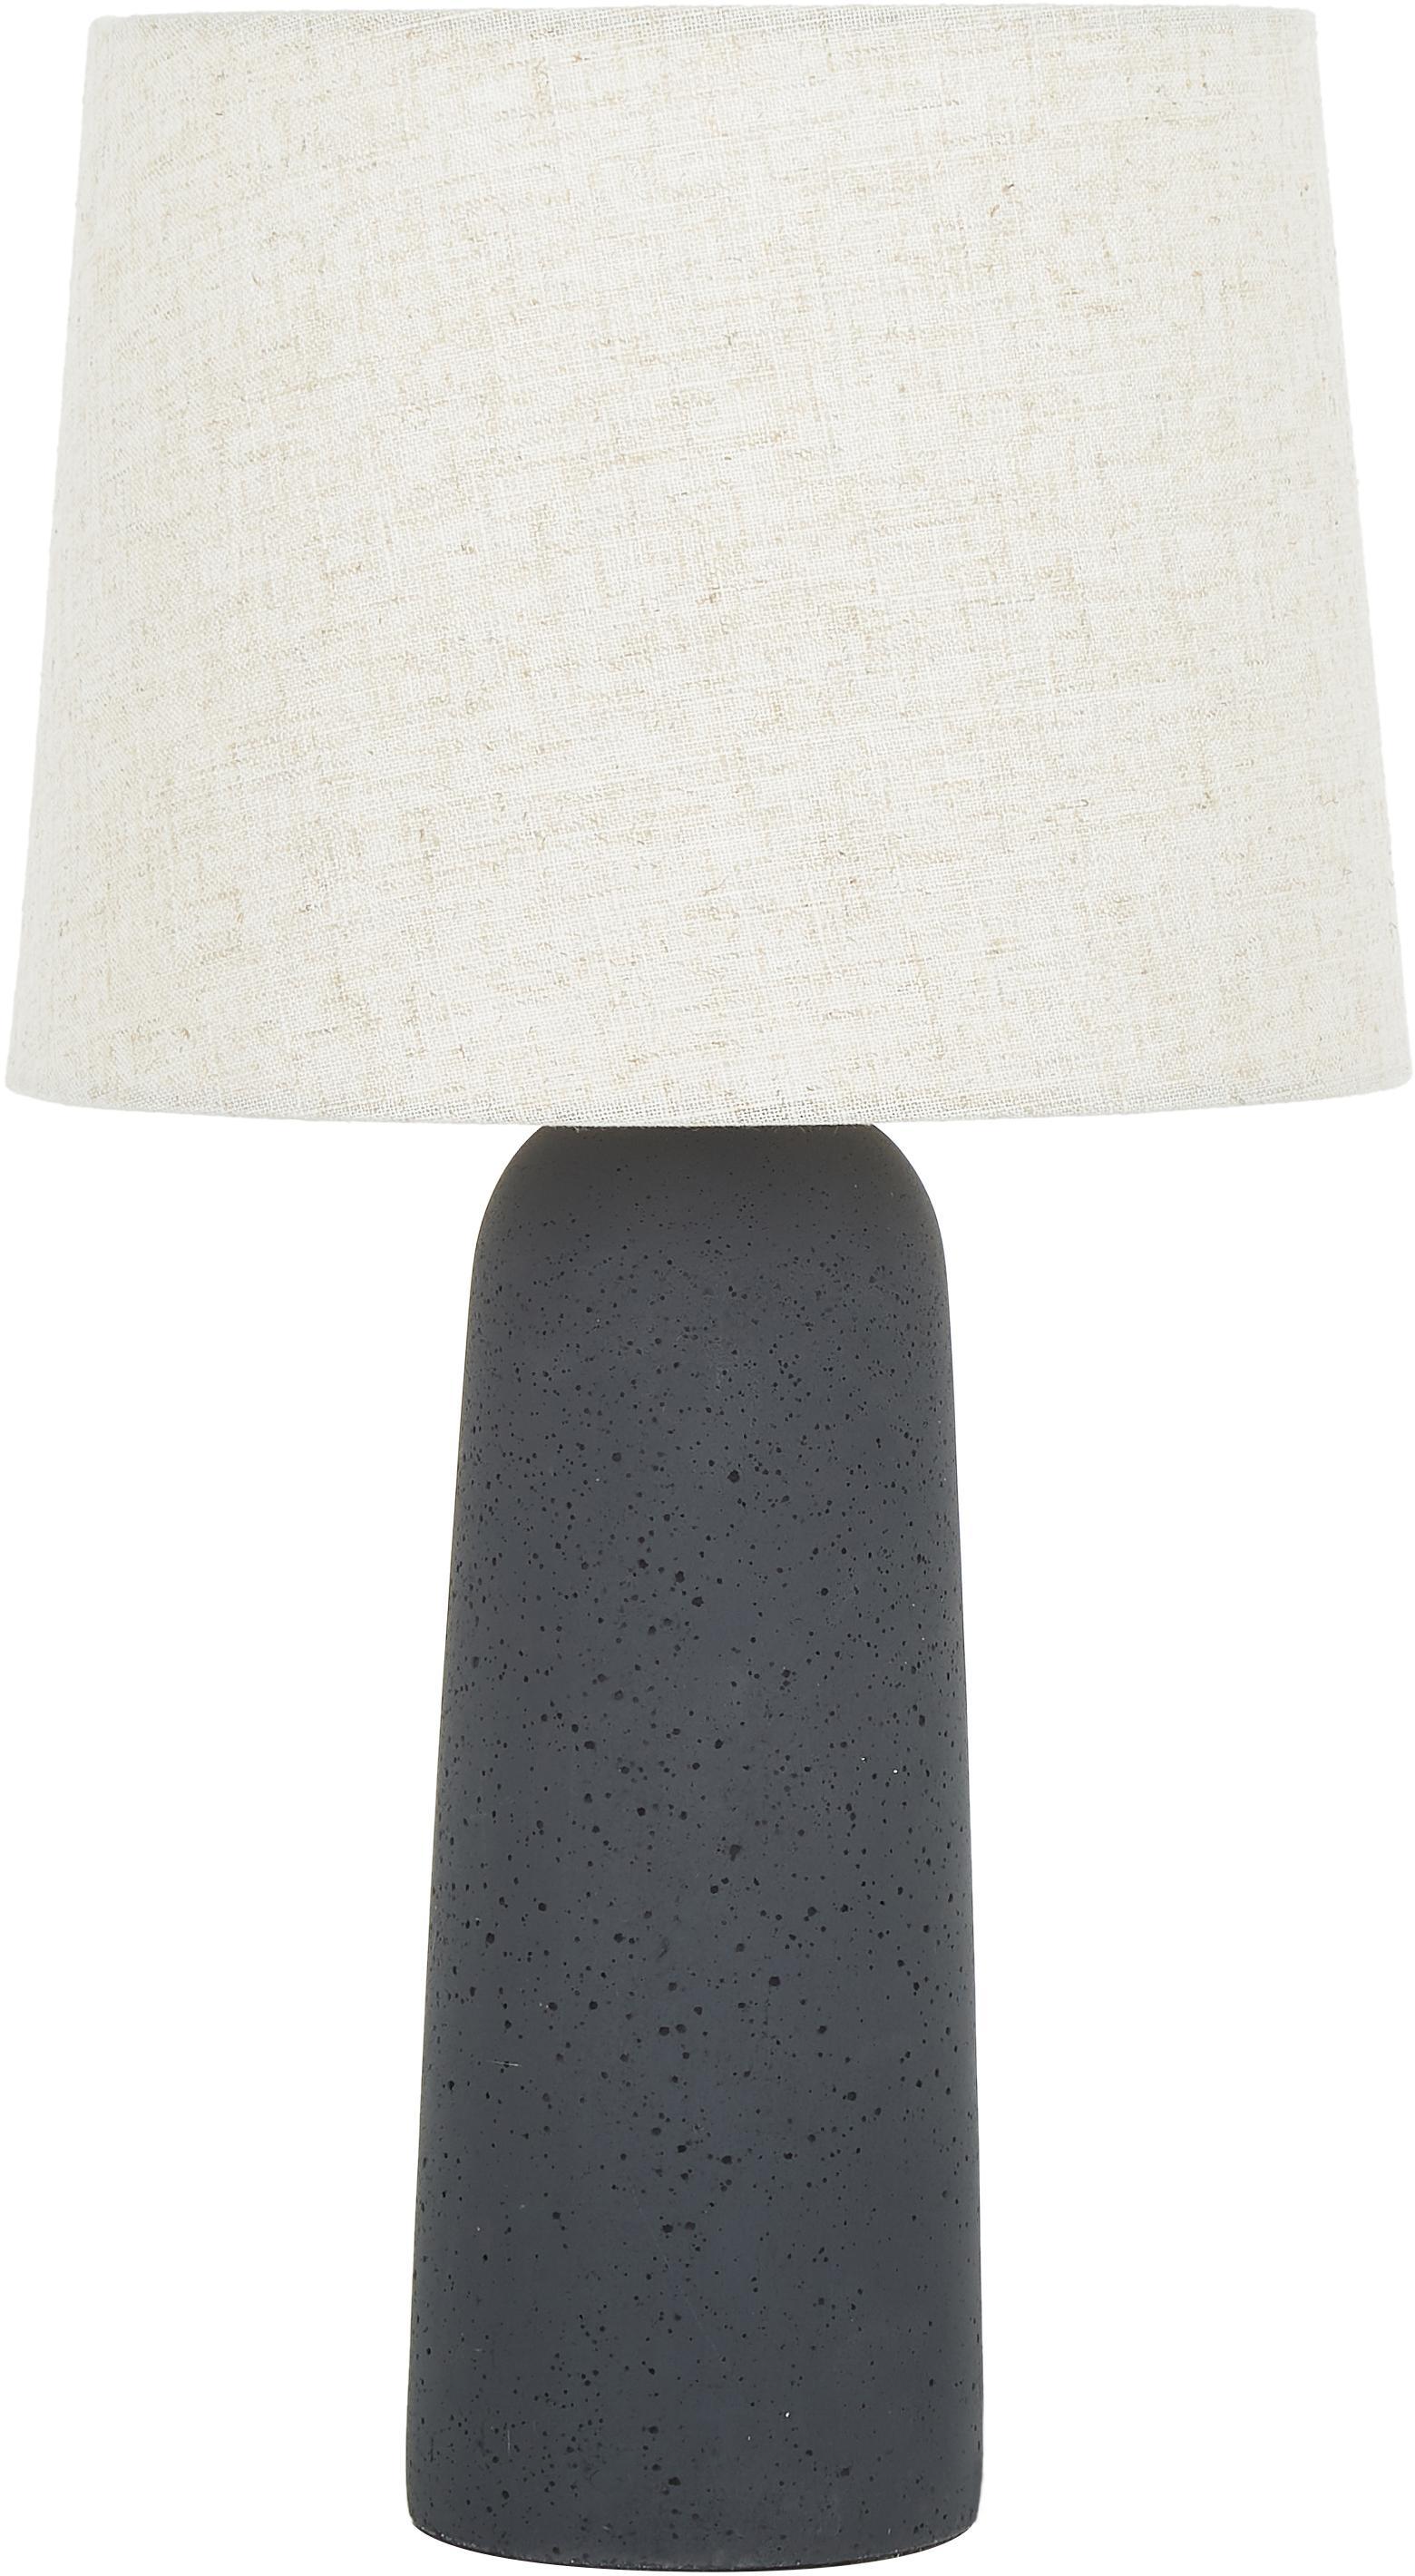 Große Tischlampe Kaya mit Betonfuß, Lampenschirm: 80% Baumwolle, 20% Leinen, Lampenfuß: Beton, Lampenschirm: BeigeLampenfuß: DunkelgrauKabel: Schwarz, Ø 29 x H 52 cm